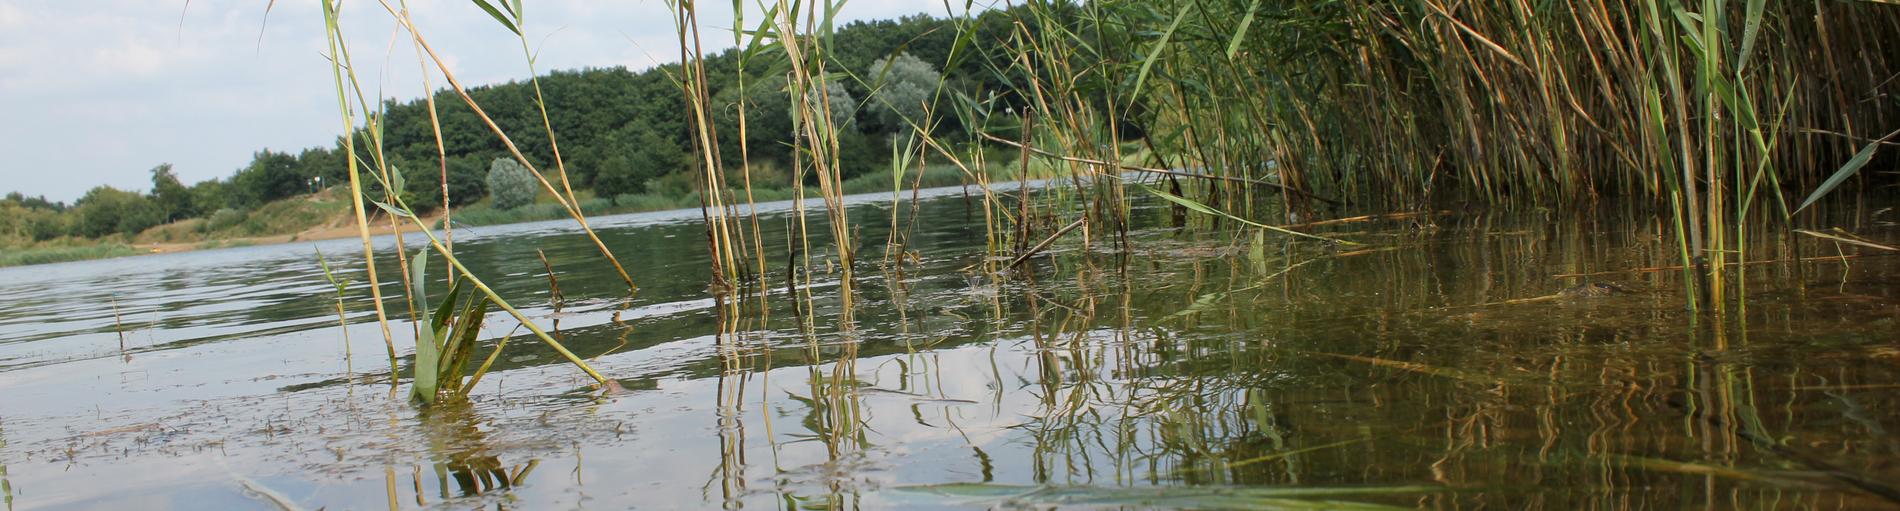 Klares Wasser am Ufer eines Sees